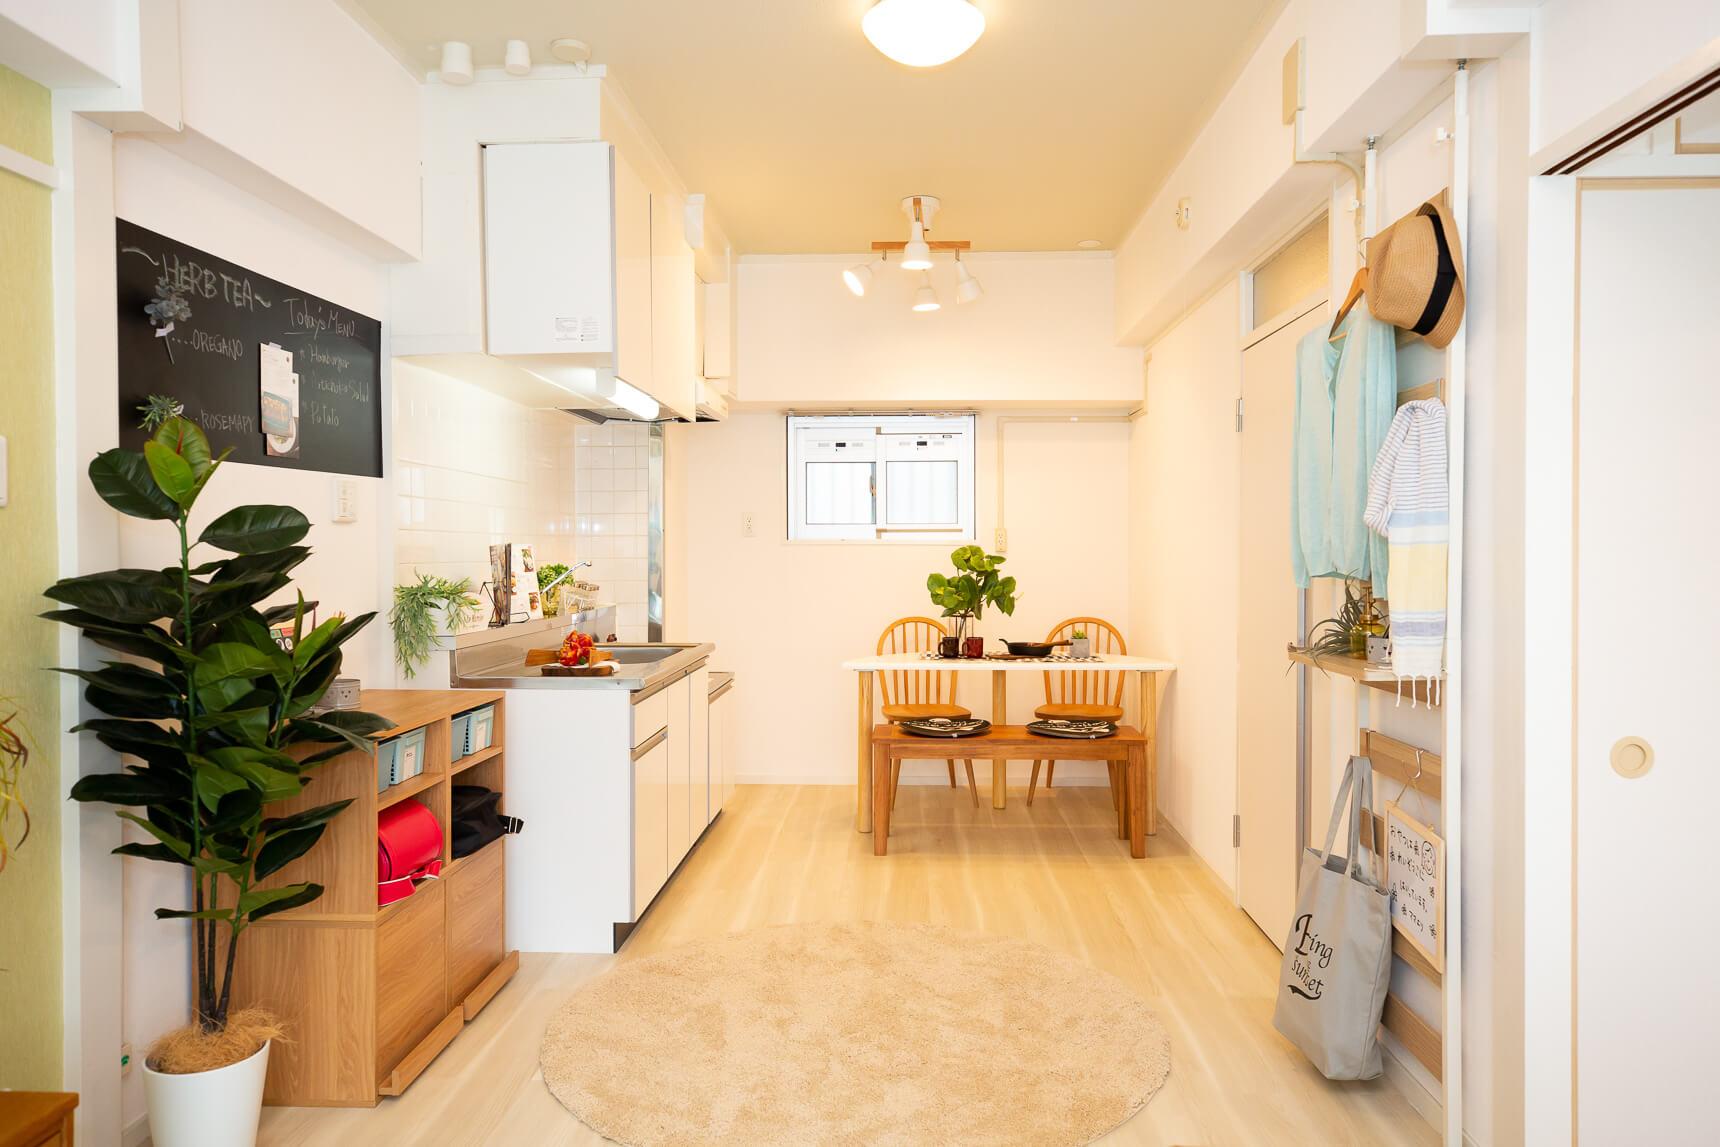 キッチン側も、シンプルな白なのが良いですよね。スペースも十分にあり、大きな冷蔵庫や食器棚も置けそう